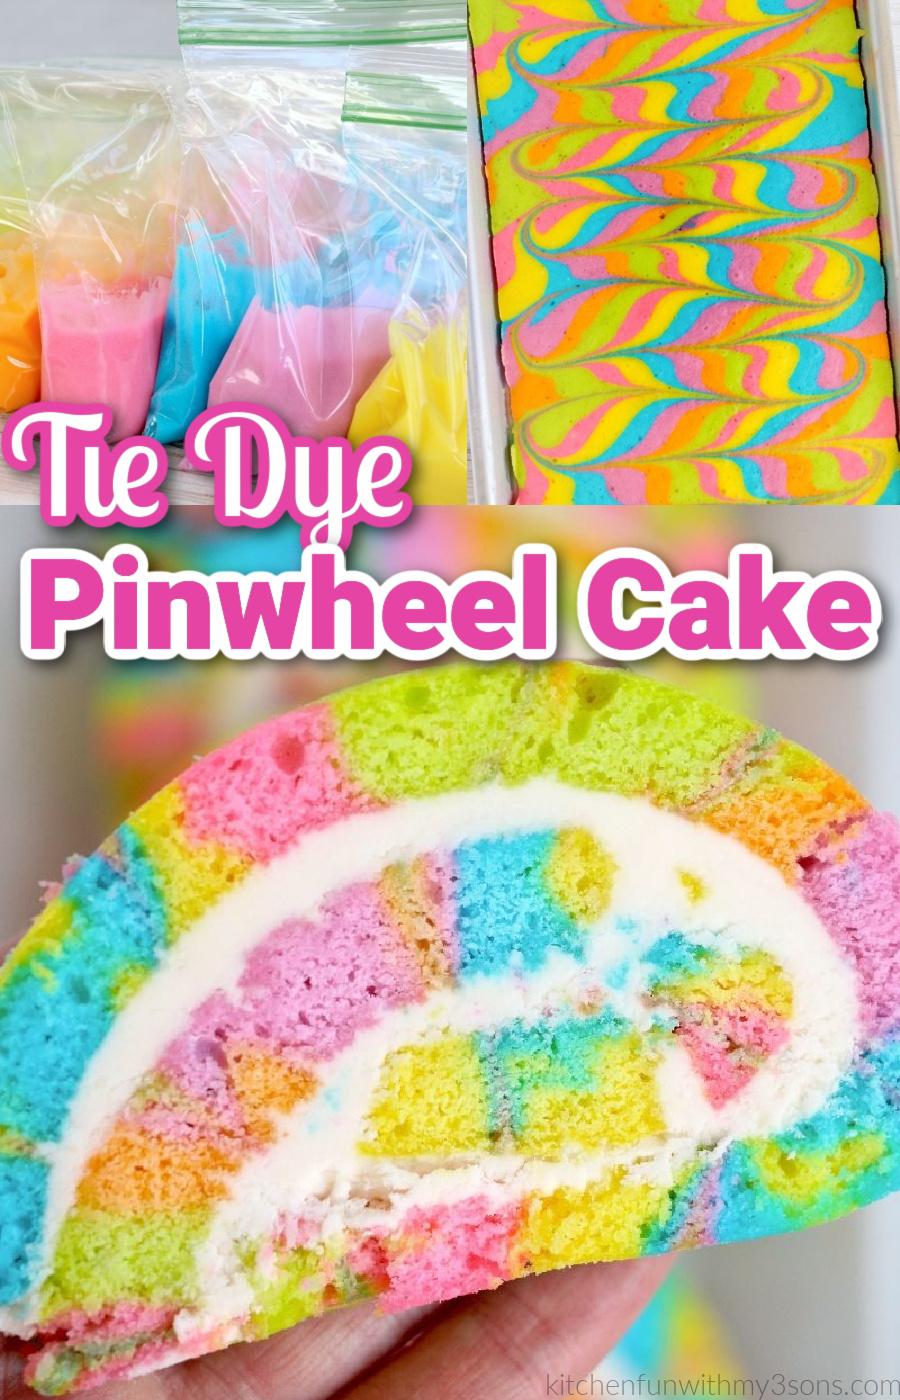 tie dye pinwheel cake